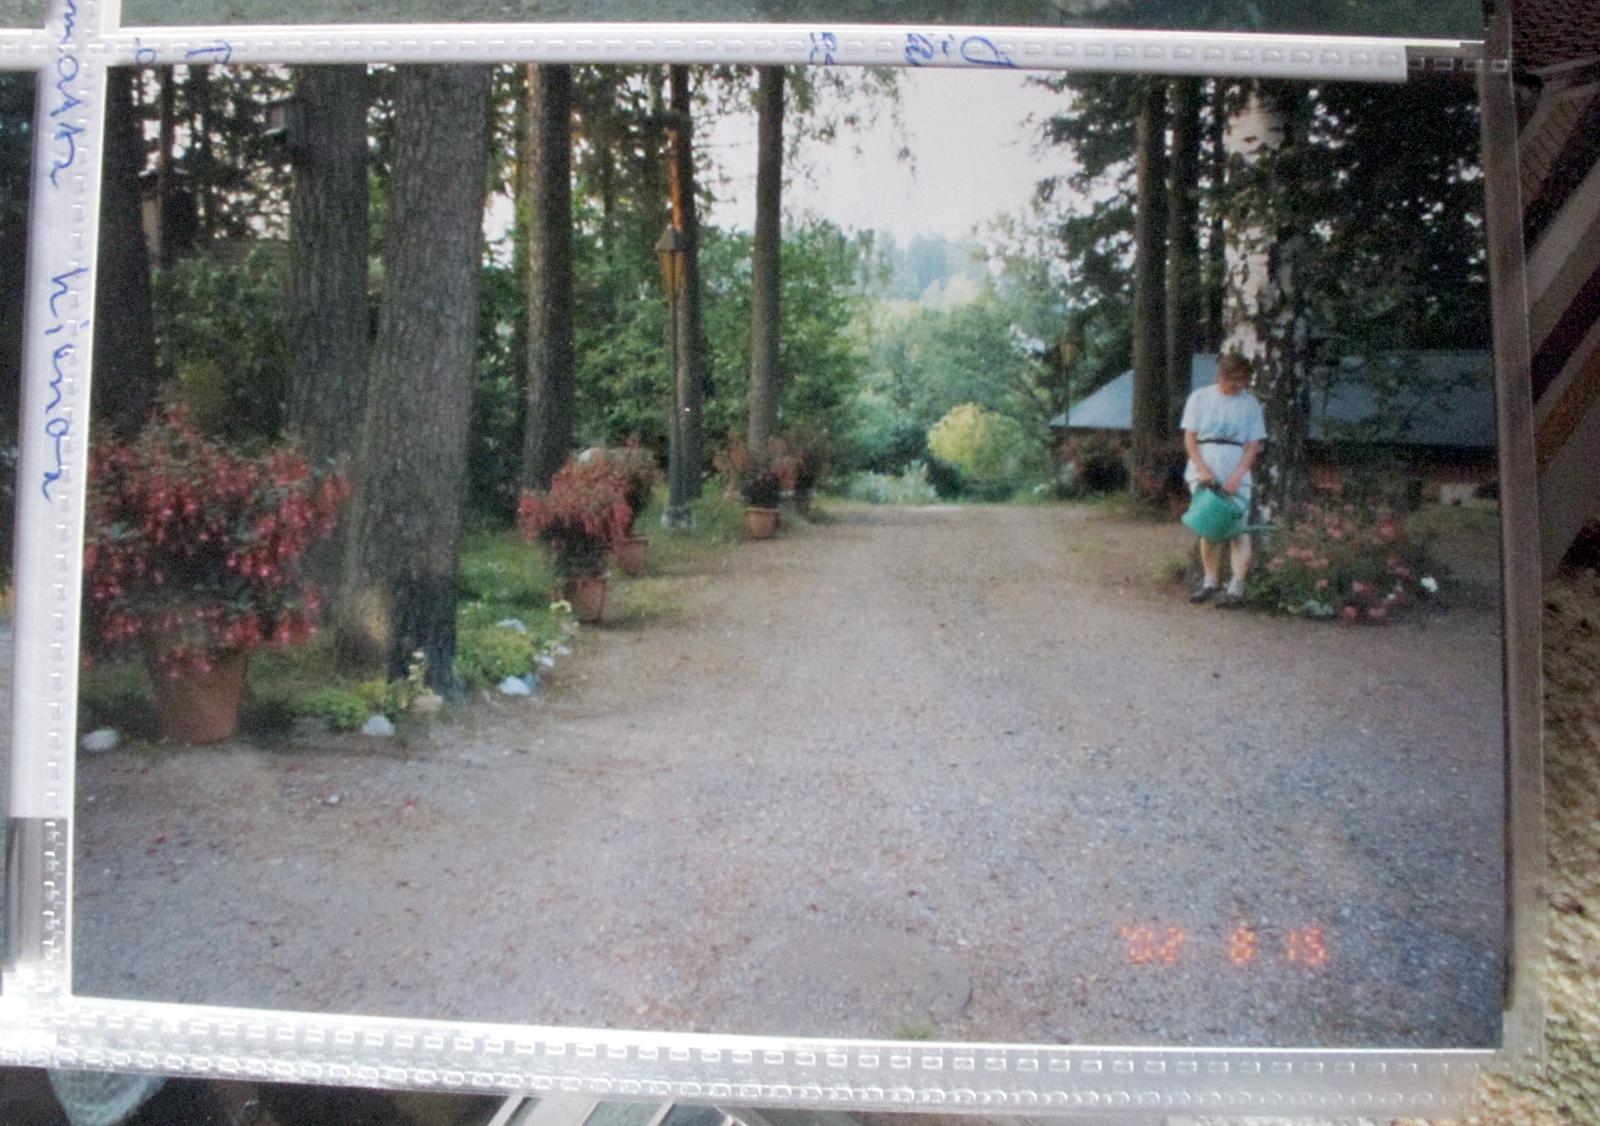 Vuonna 2002 elokuussa verenpisarat Markun ja Pirkon talon pihalla. Upeaa kukkaloistoa! Kuvassa myös Pirkko pitämässä huolta puutarhastaan. Vesi vanhin voitehista – niin kasveille kuin ihmisellekin.